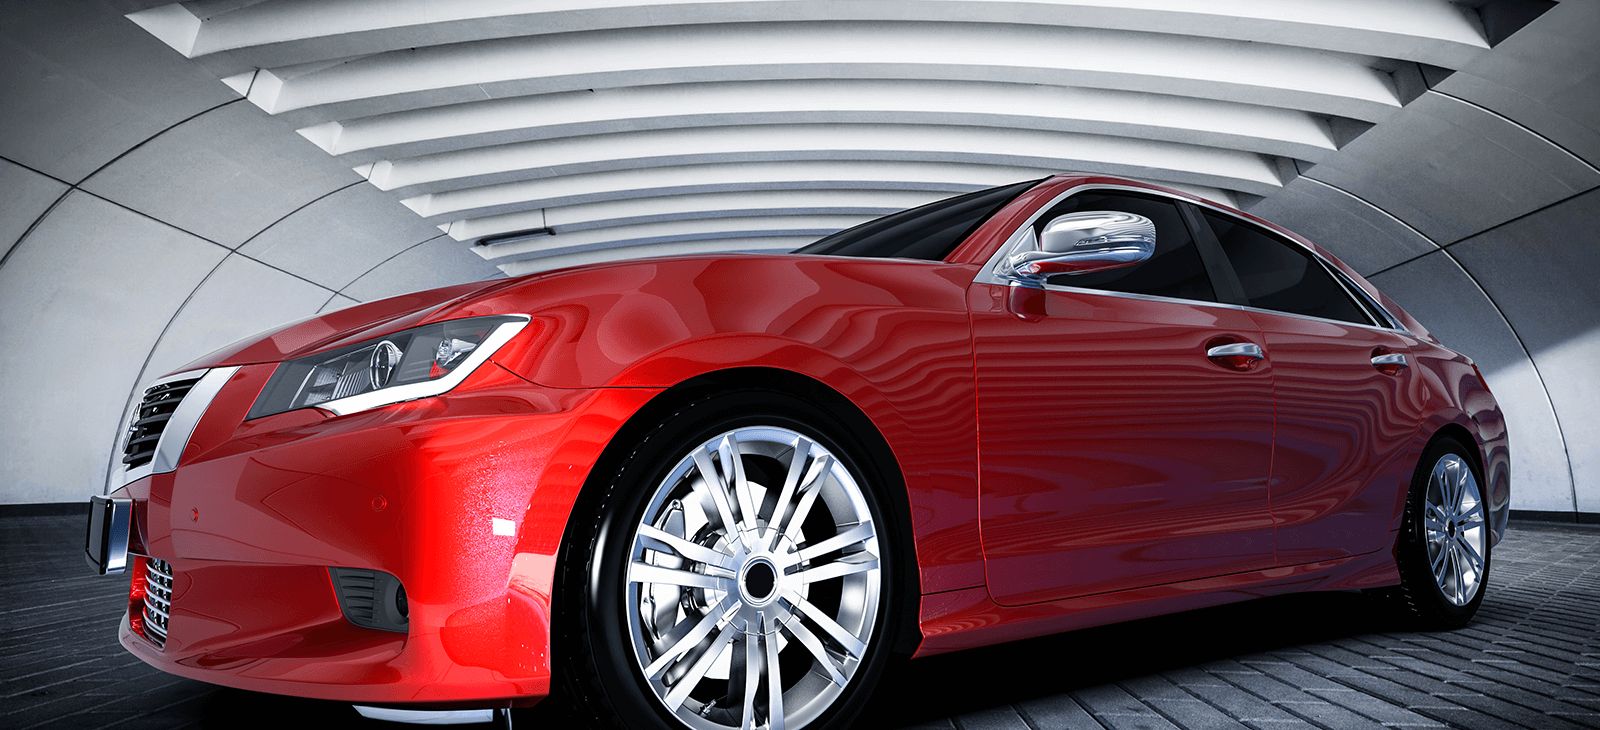 Struers 汽车行业解决方案